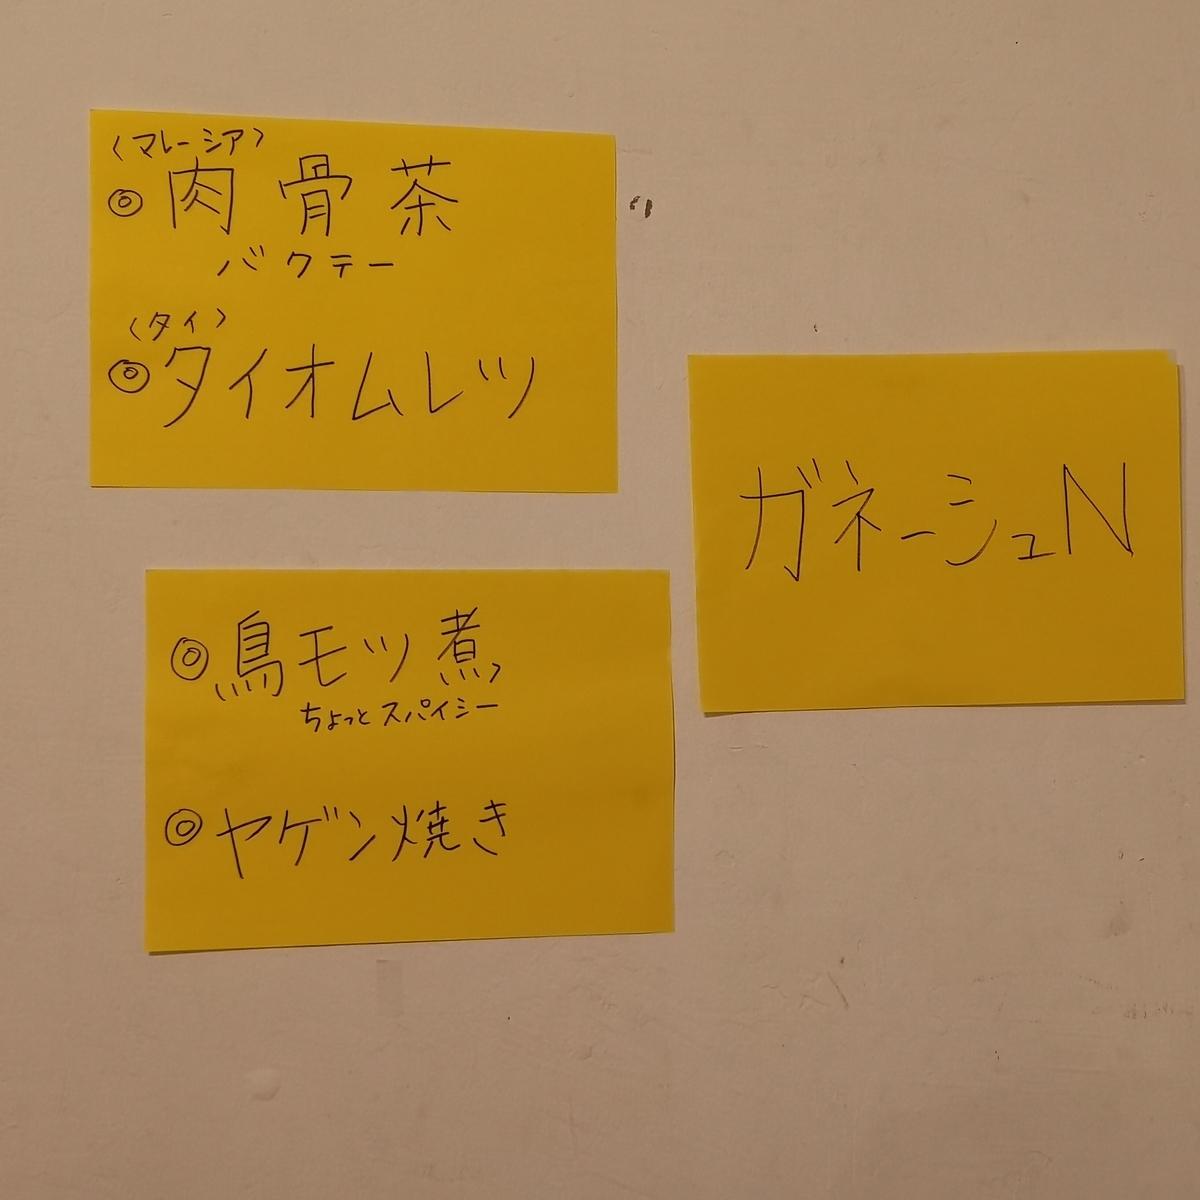 カレー事情聴取スパイス定食&バルVol.7 2019年10月22日 ガネーシュN メニュー